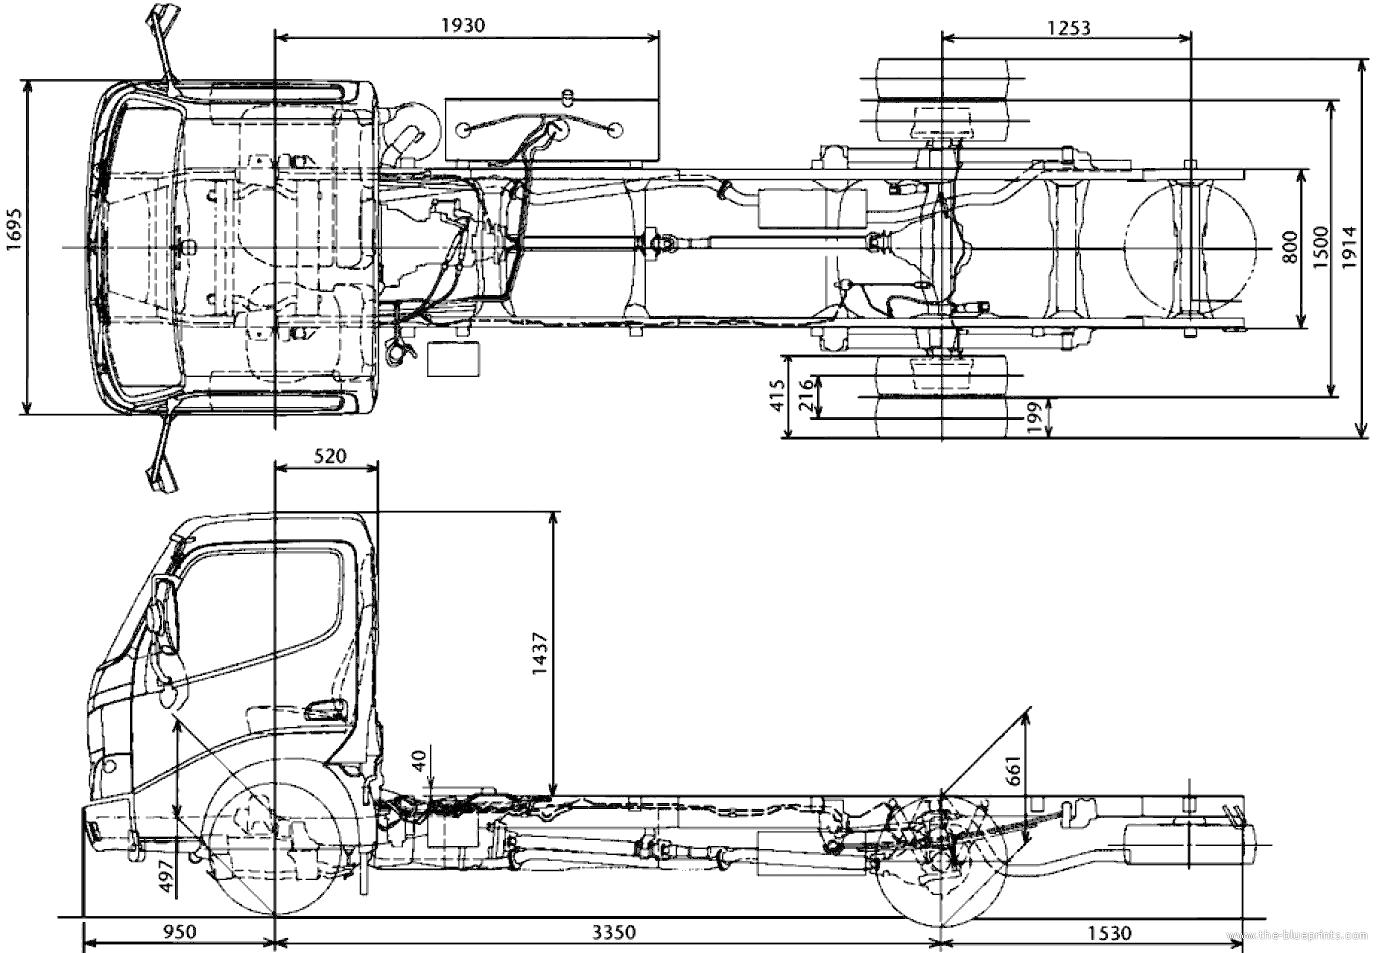 Blueprints > Trucks > Toyota > Toyota Dyna 150XL (2013)